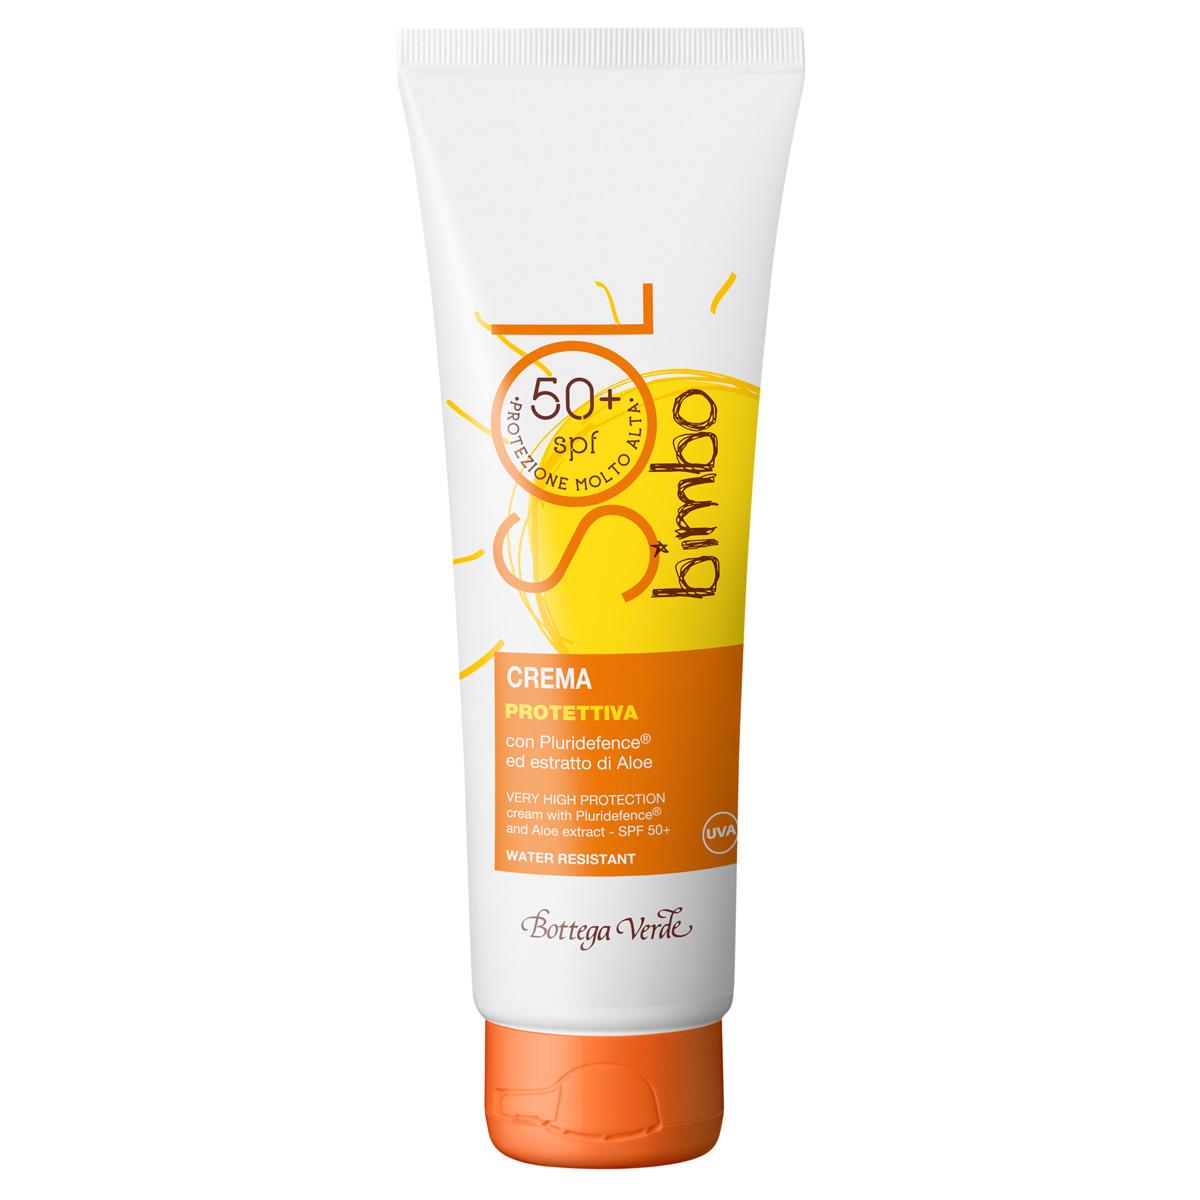 Crema pentru copii, cu Pluridefence si extract de aloe - waterproof - Sol Bimbo, 125 ML